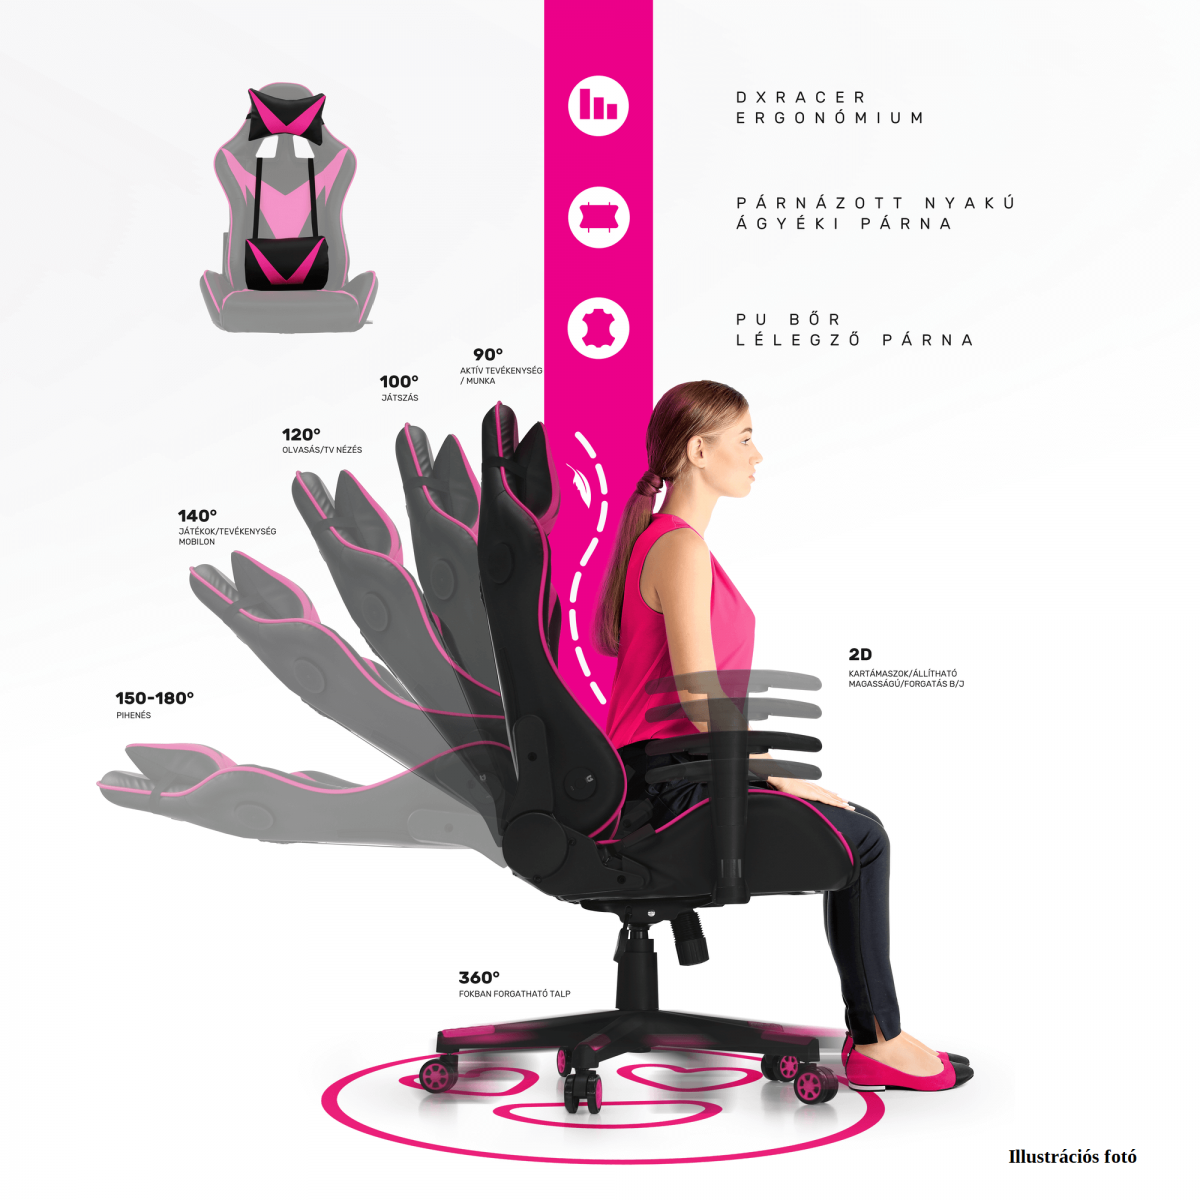 Irodai/gamer szék, fekete/katonai minta, ARMYRE